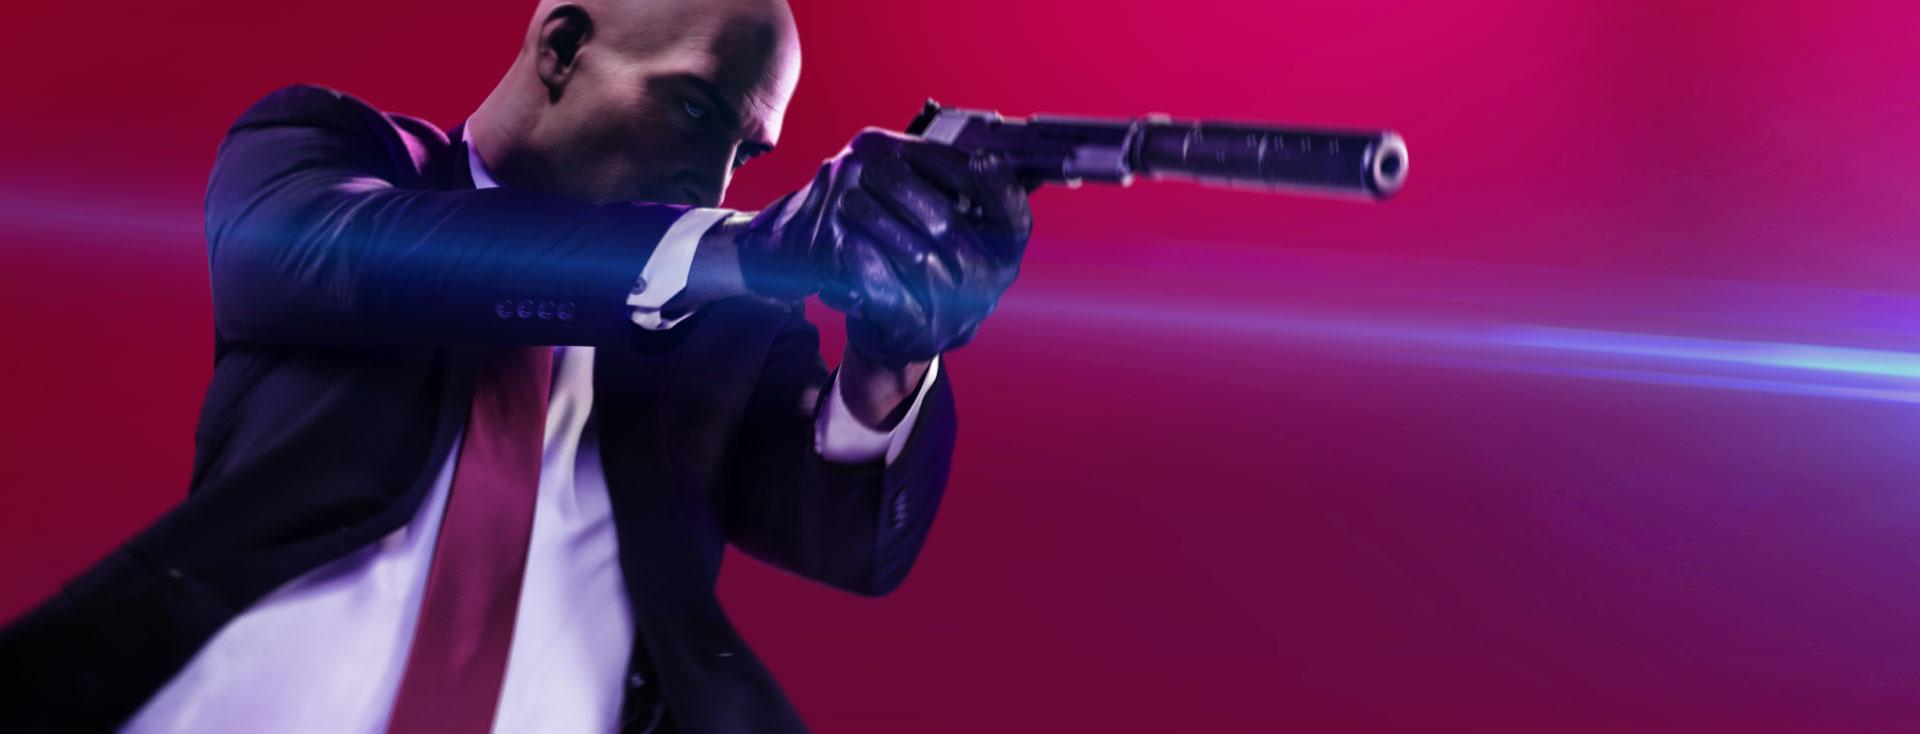 Hitman 2'nin Satışları Beklenildiğinden Kötü Başarı Yakaladı